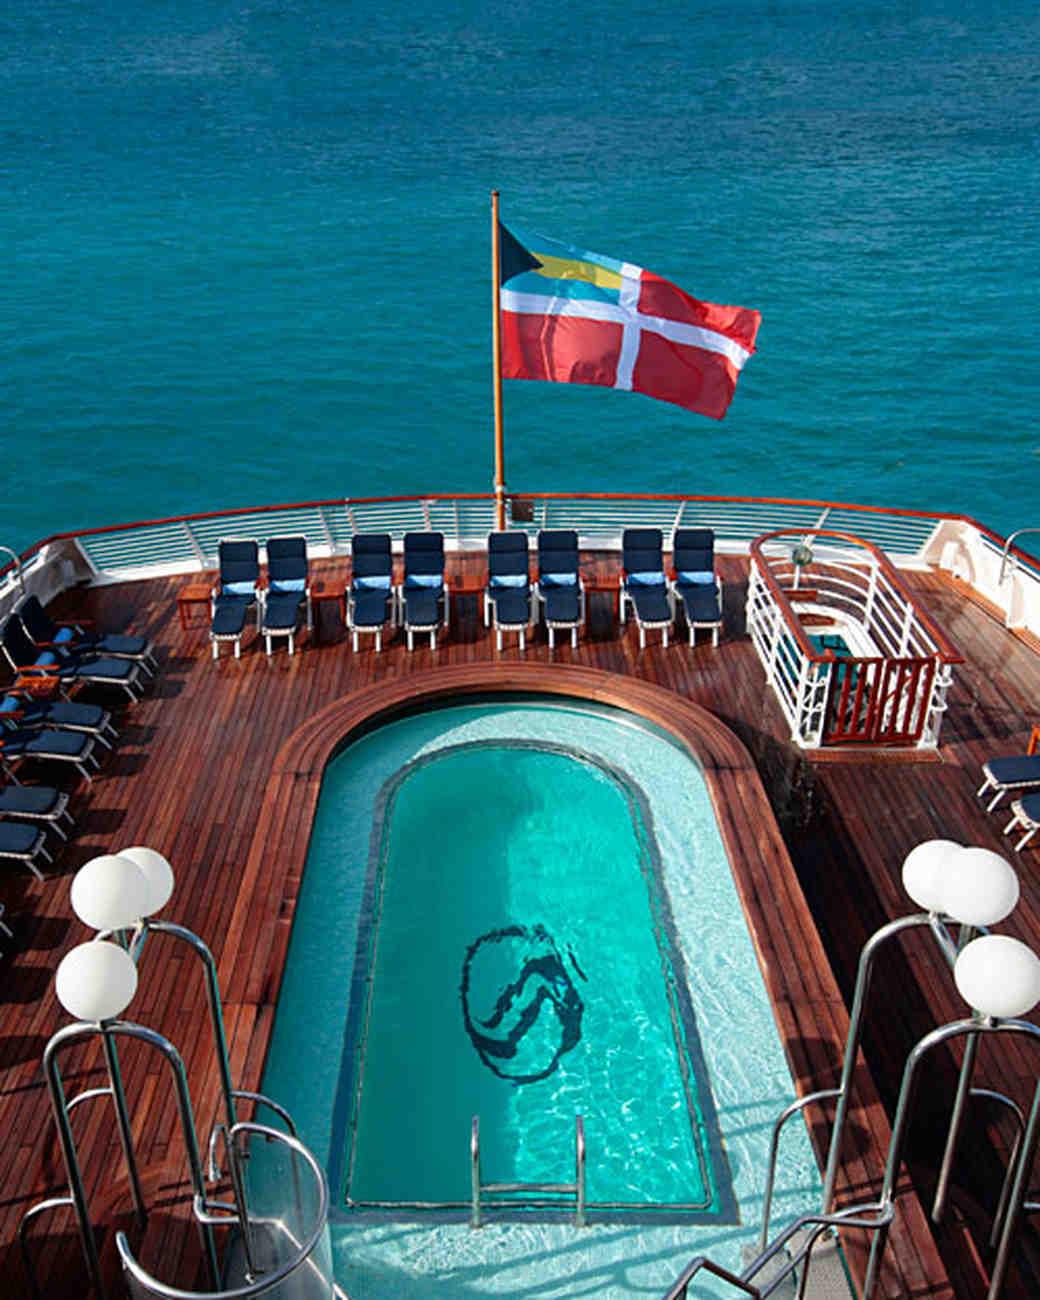 mwd_0111_cruise_sea_dream.jpg